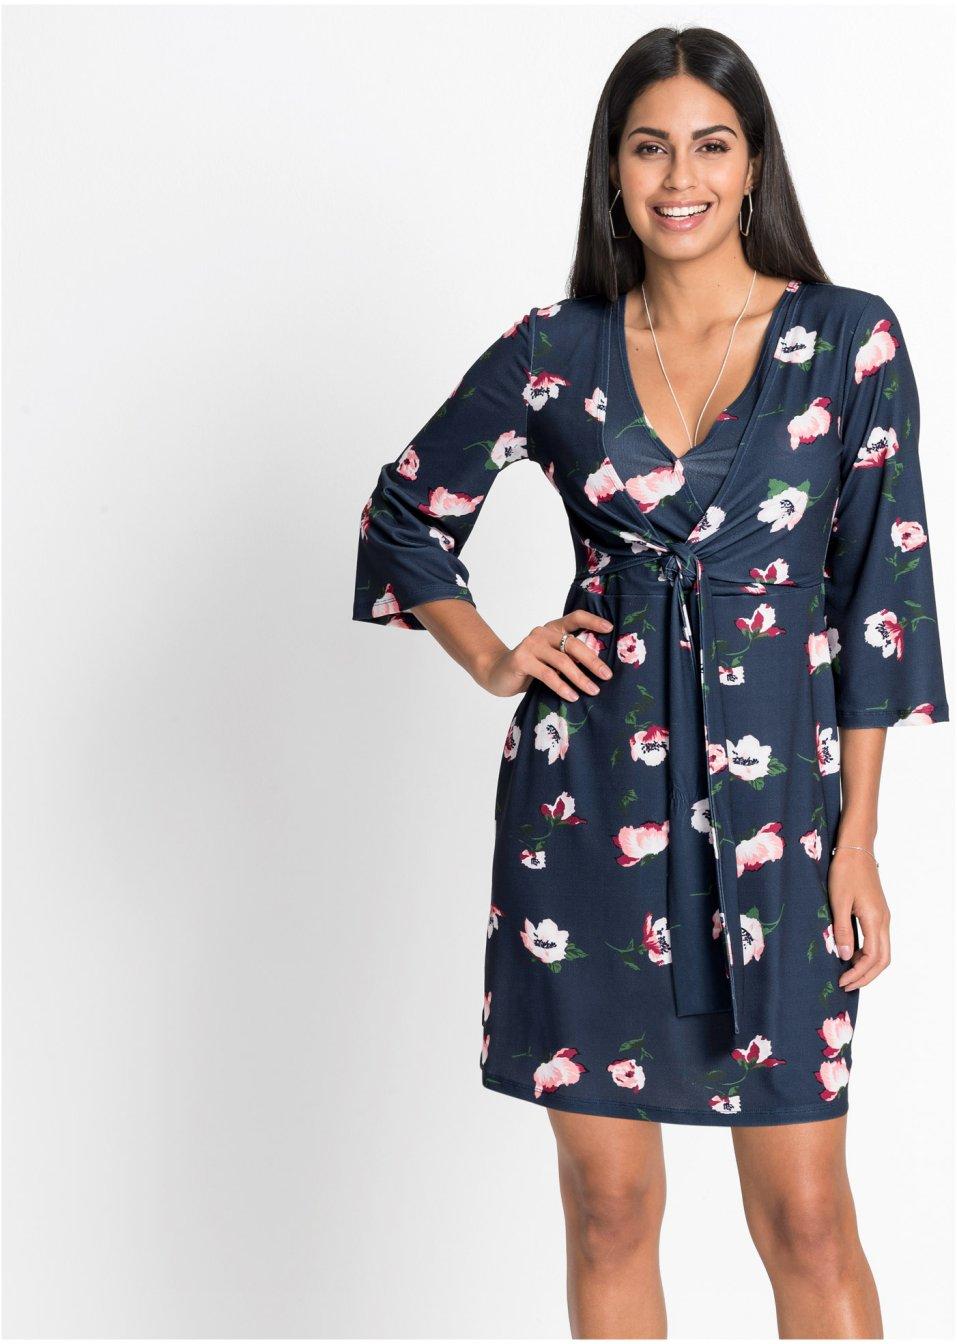 Kleid mit Wickeloptik dunkelblau floral - BODYFLIRT online ...